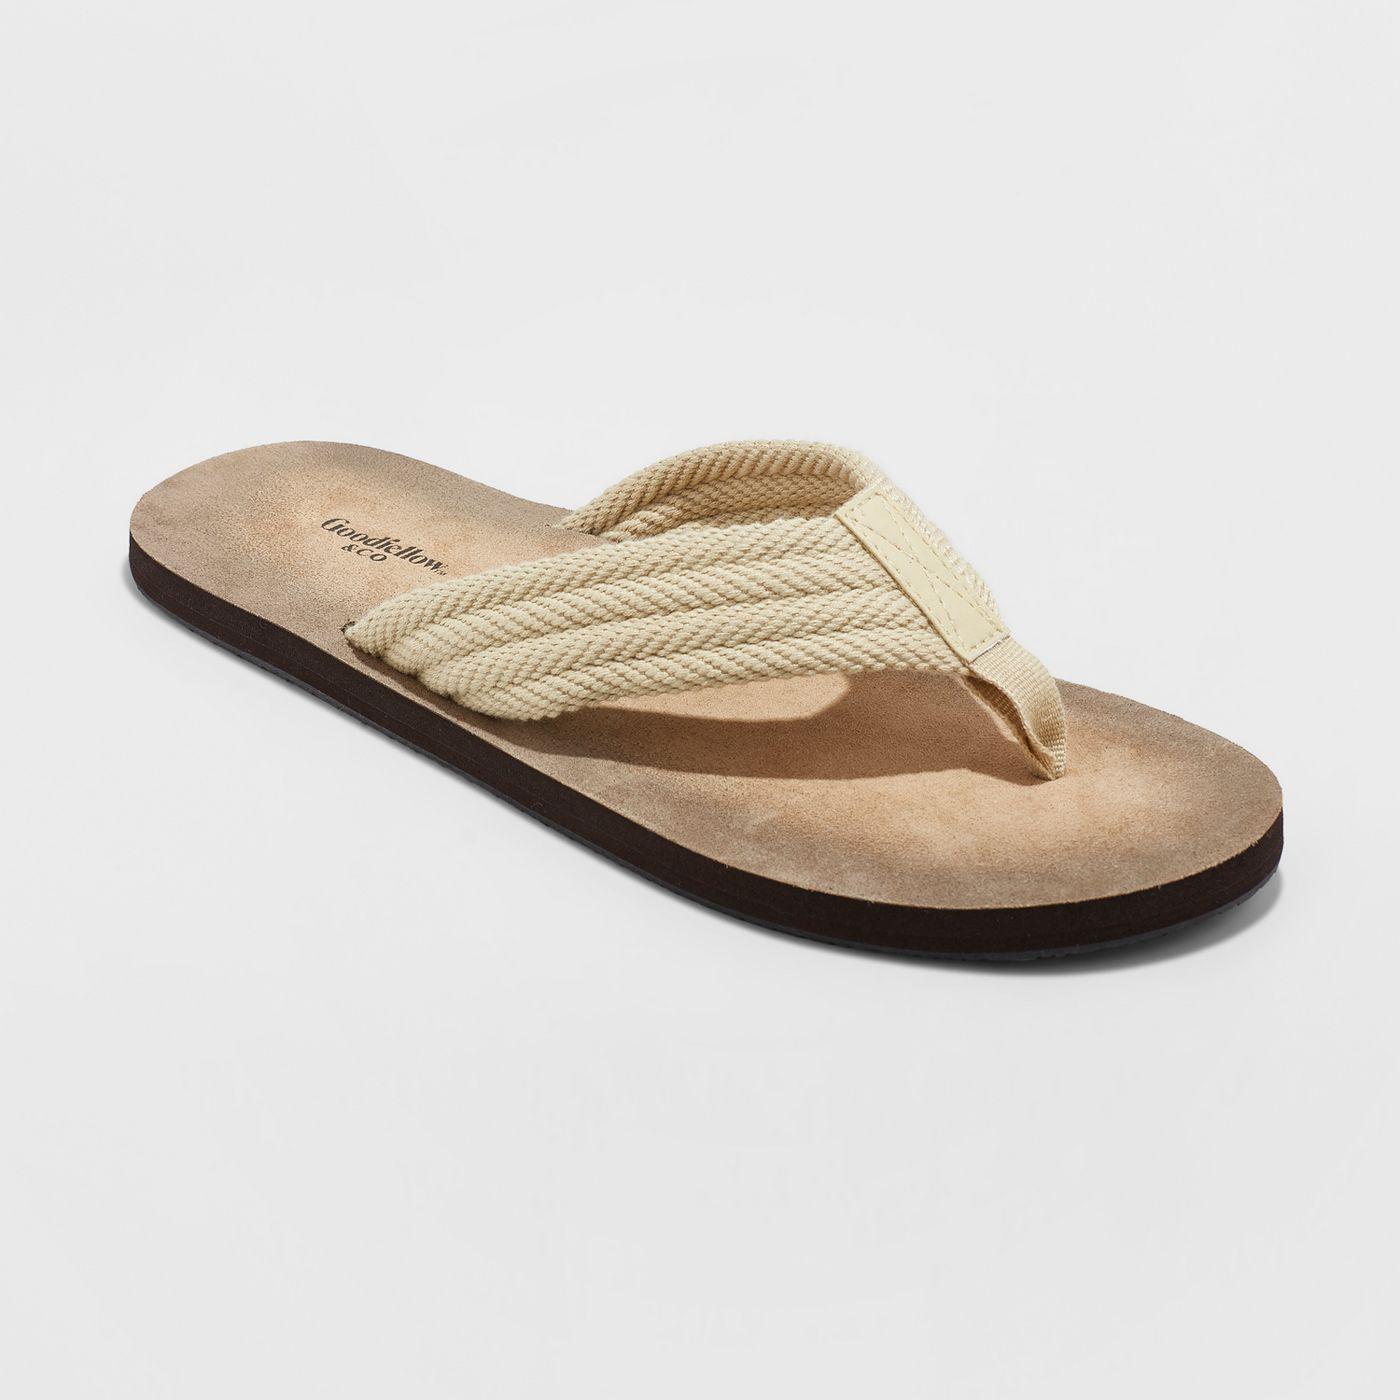 Men's Remington Flip Flop Sandals - Goodfellow & Co™ Tan - image 1 of 3